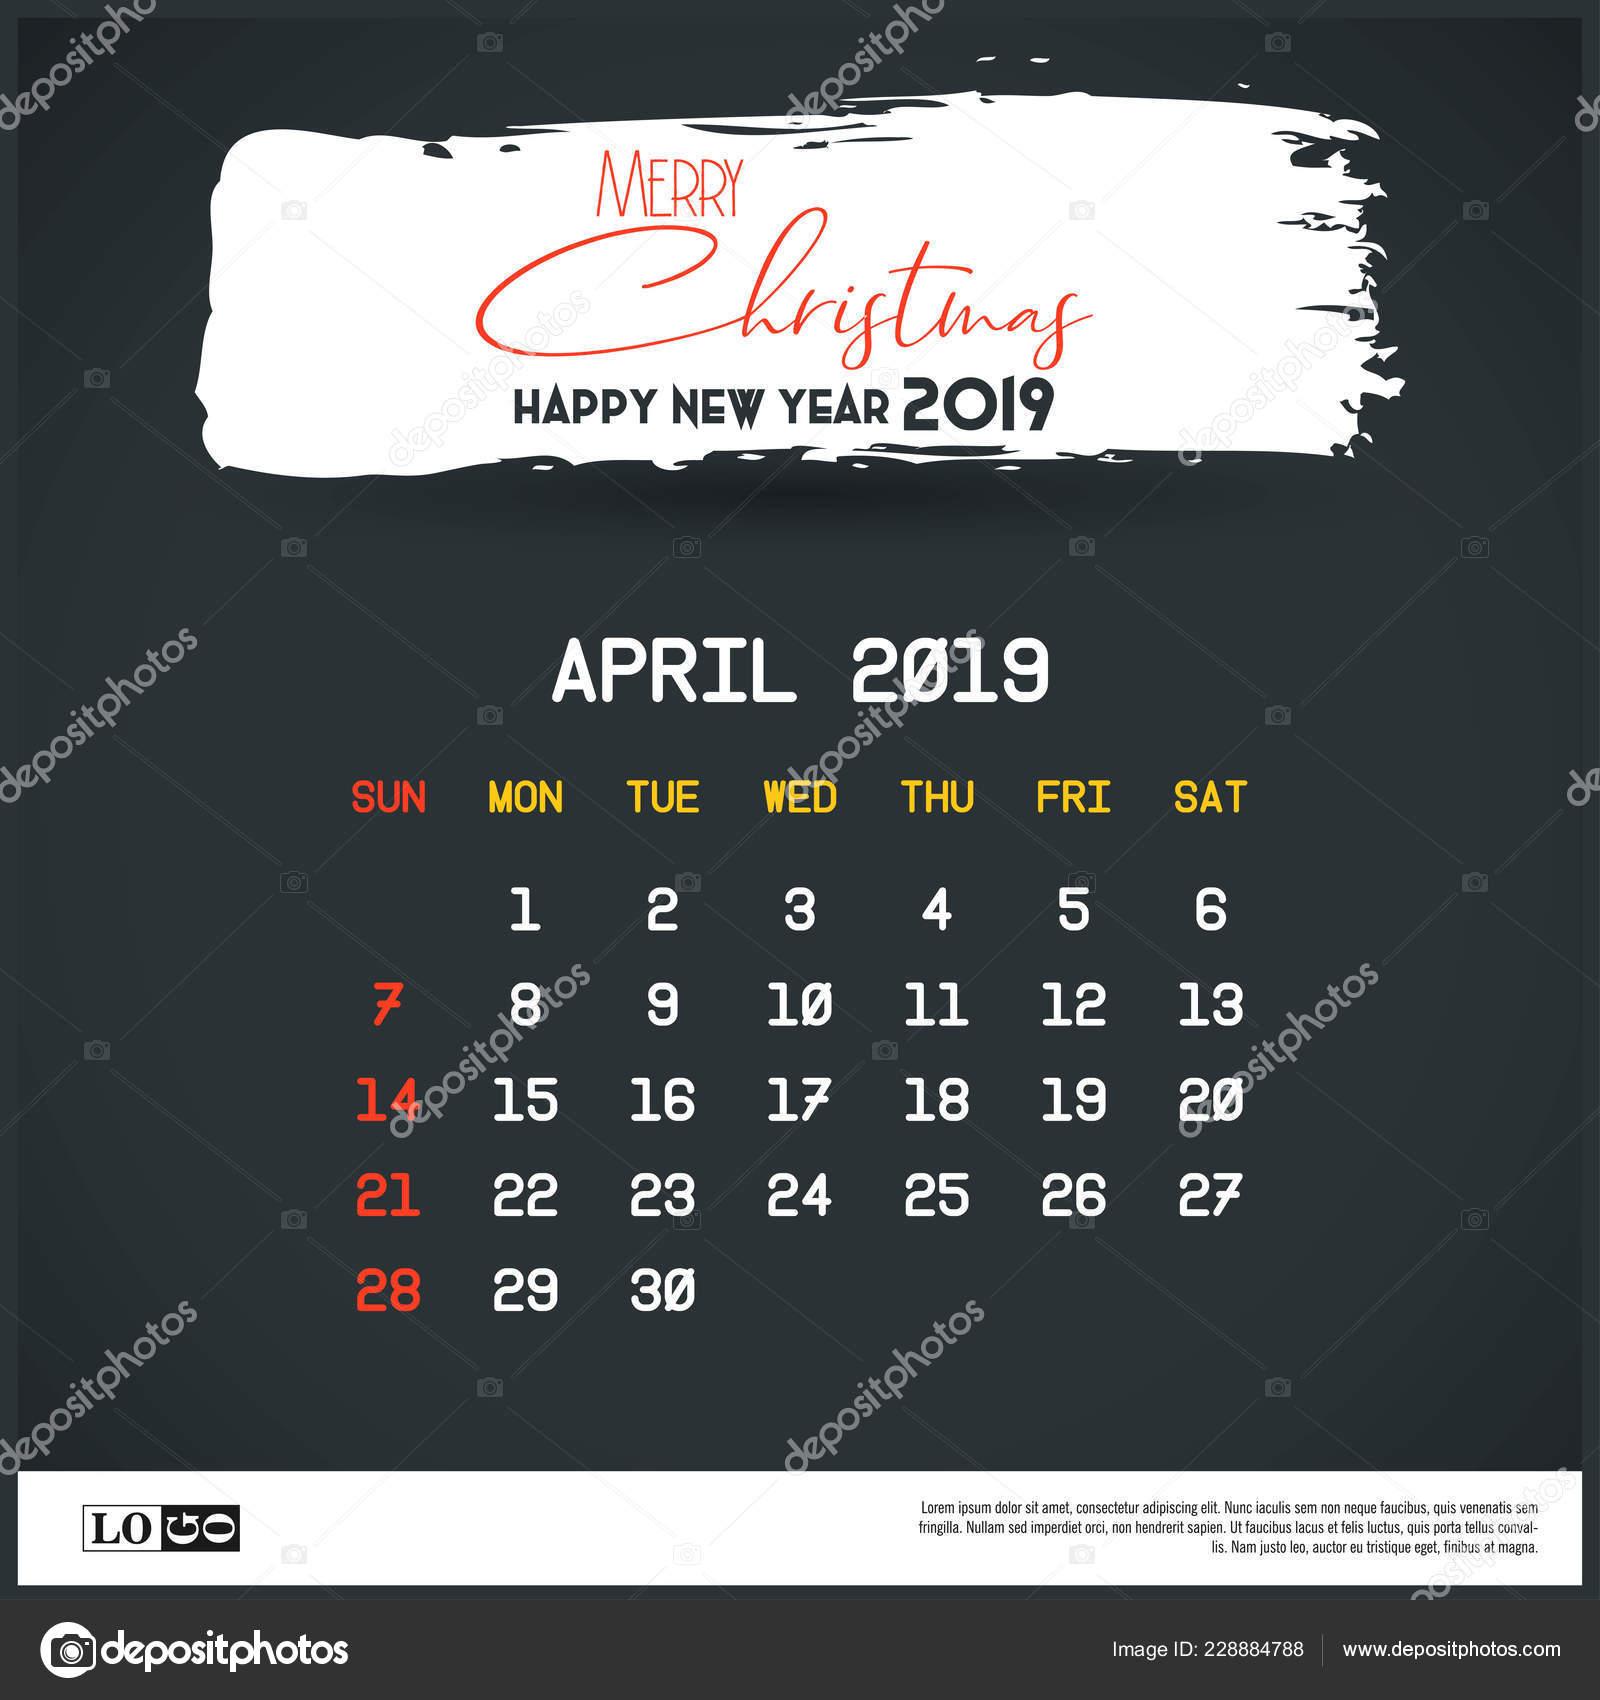 1 апреля | Новый год - 2019 новые фото